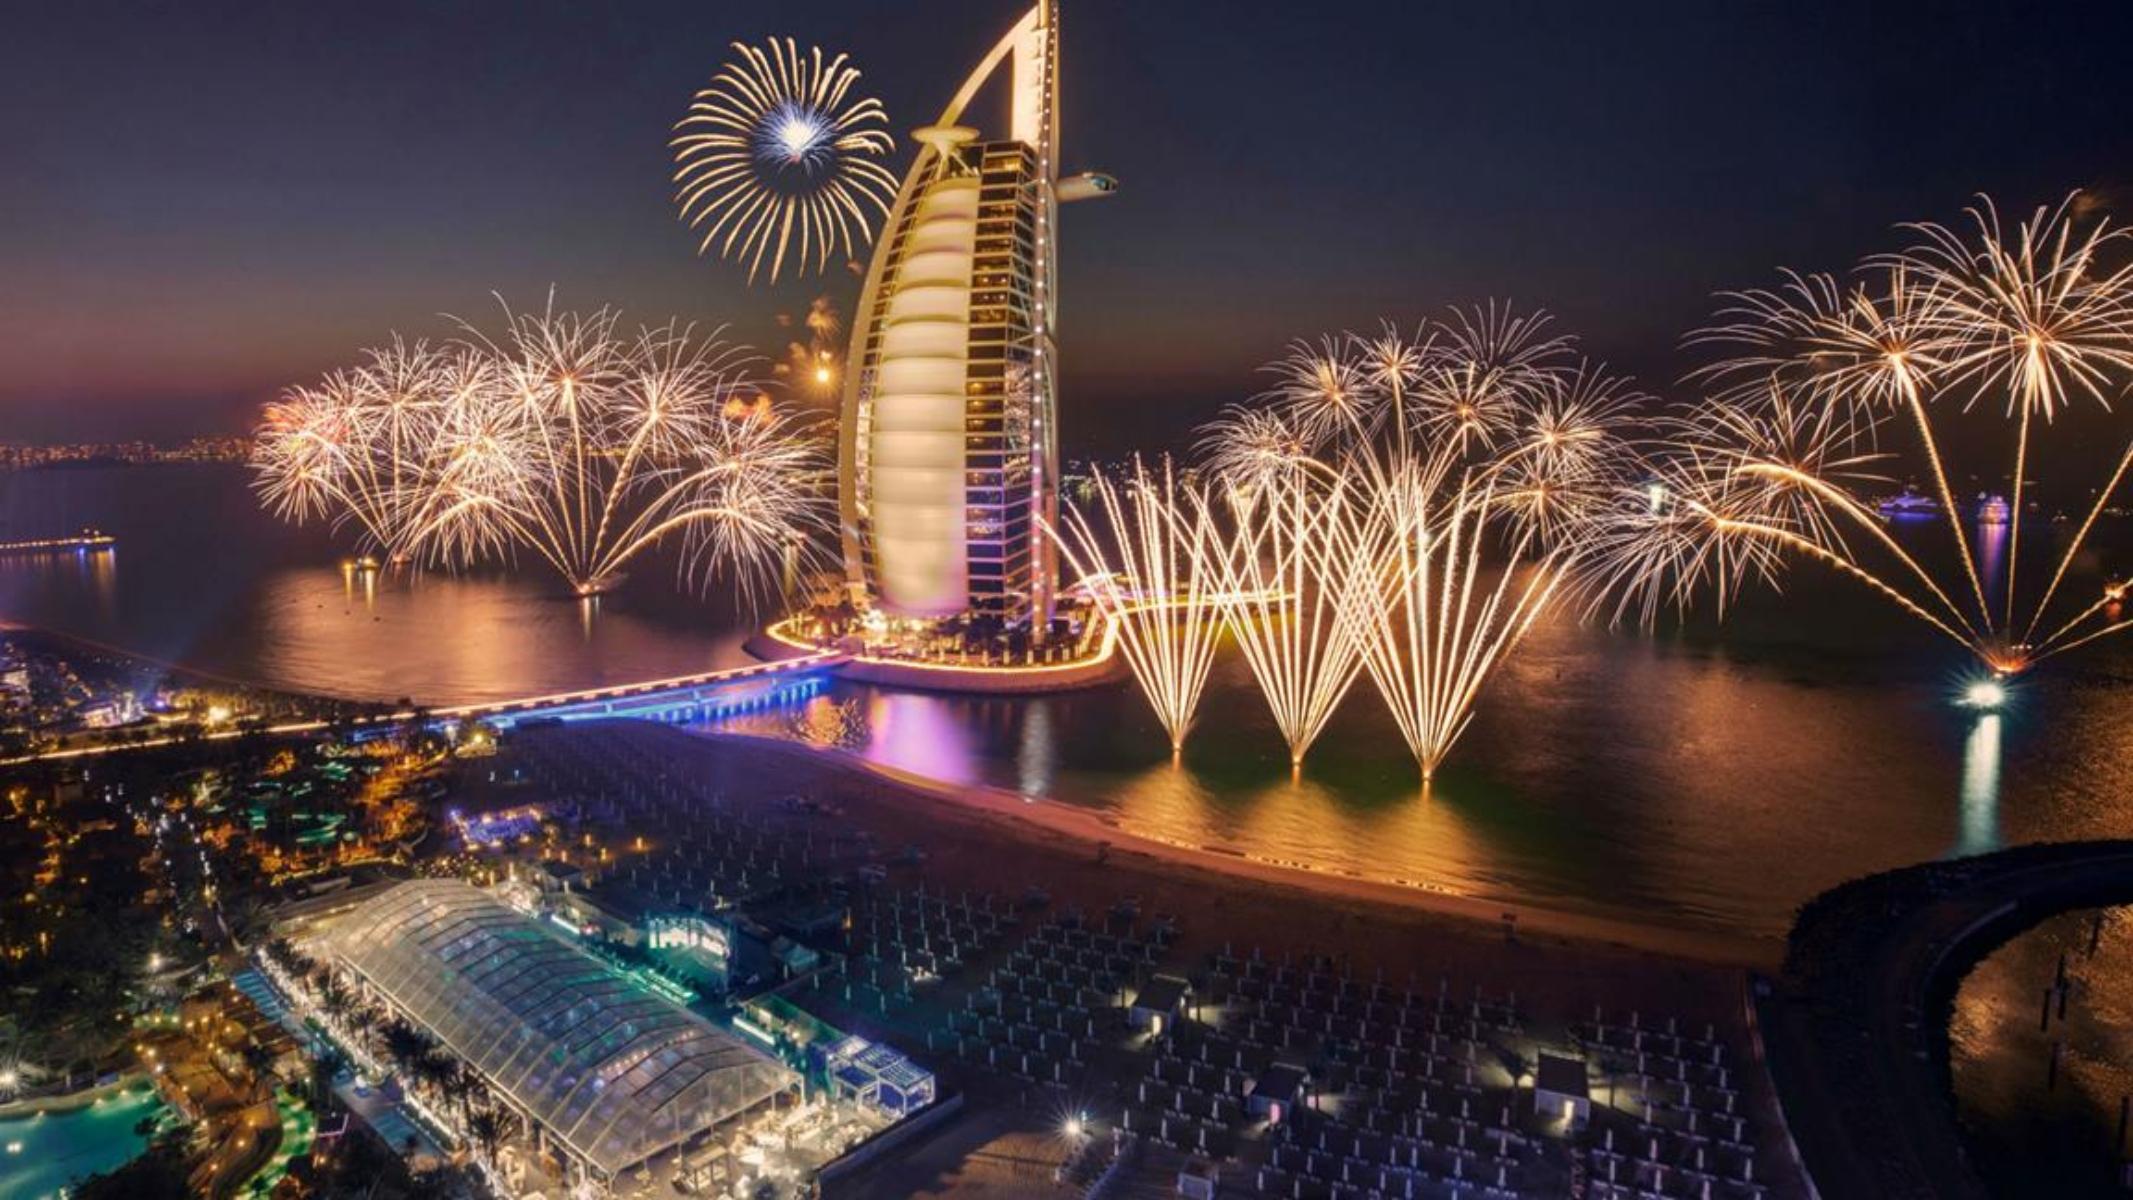 Ντουμπάι κορωνοϊός: Εντοπίστηκε θετικό κρούσμα κατά την επιστροφή τους